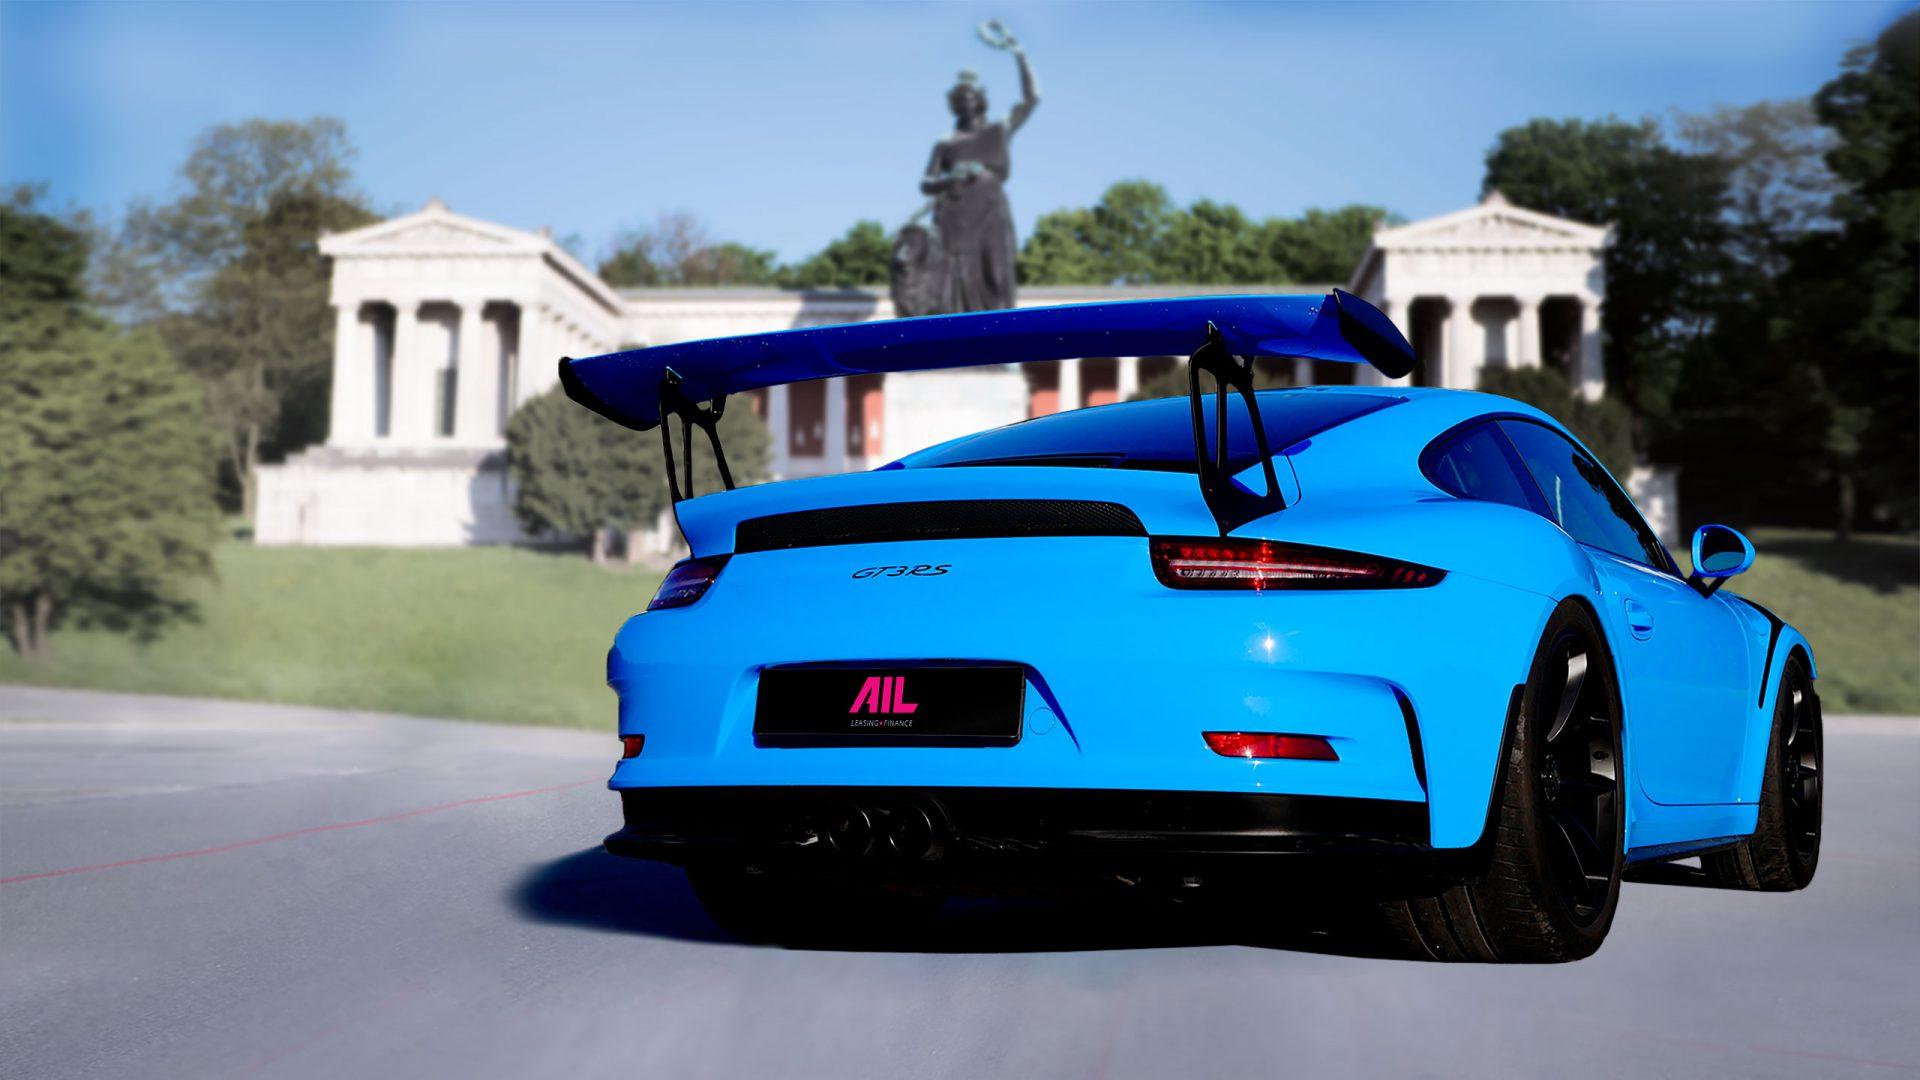 AIL Porsche GT3 RS